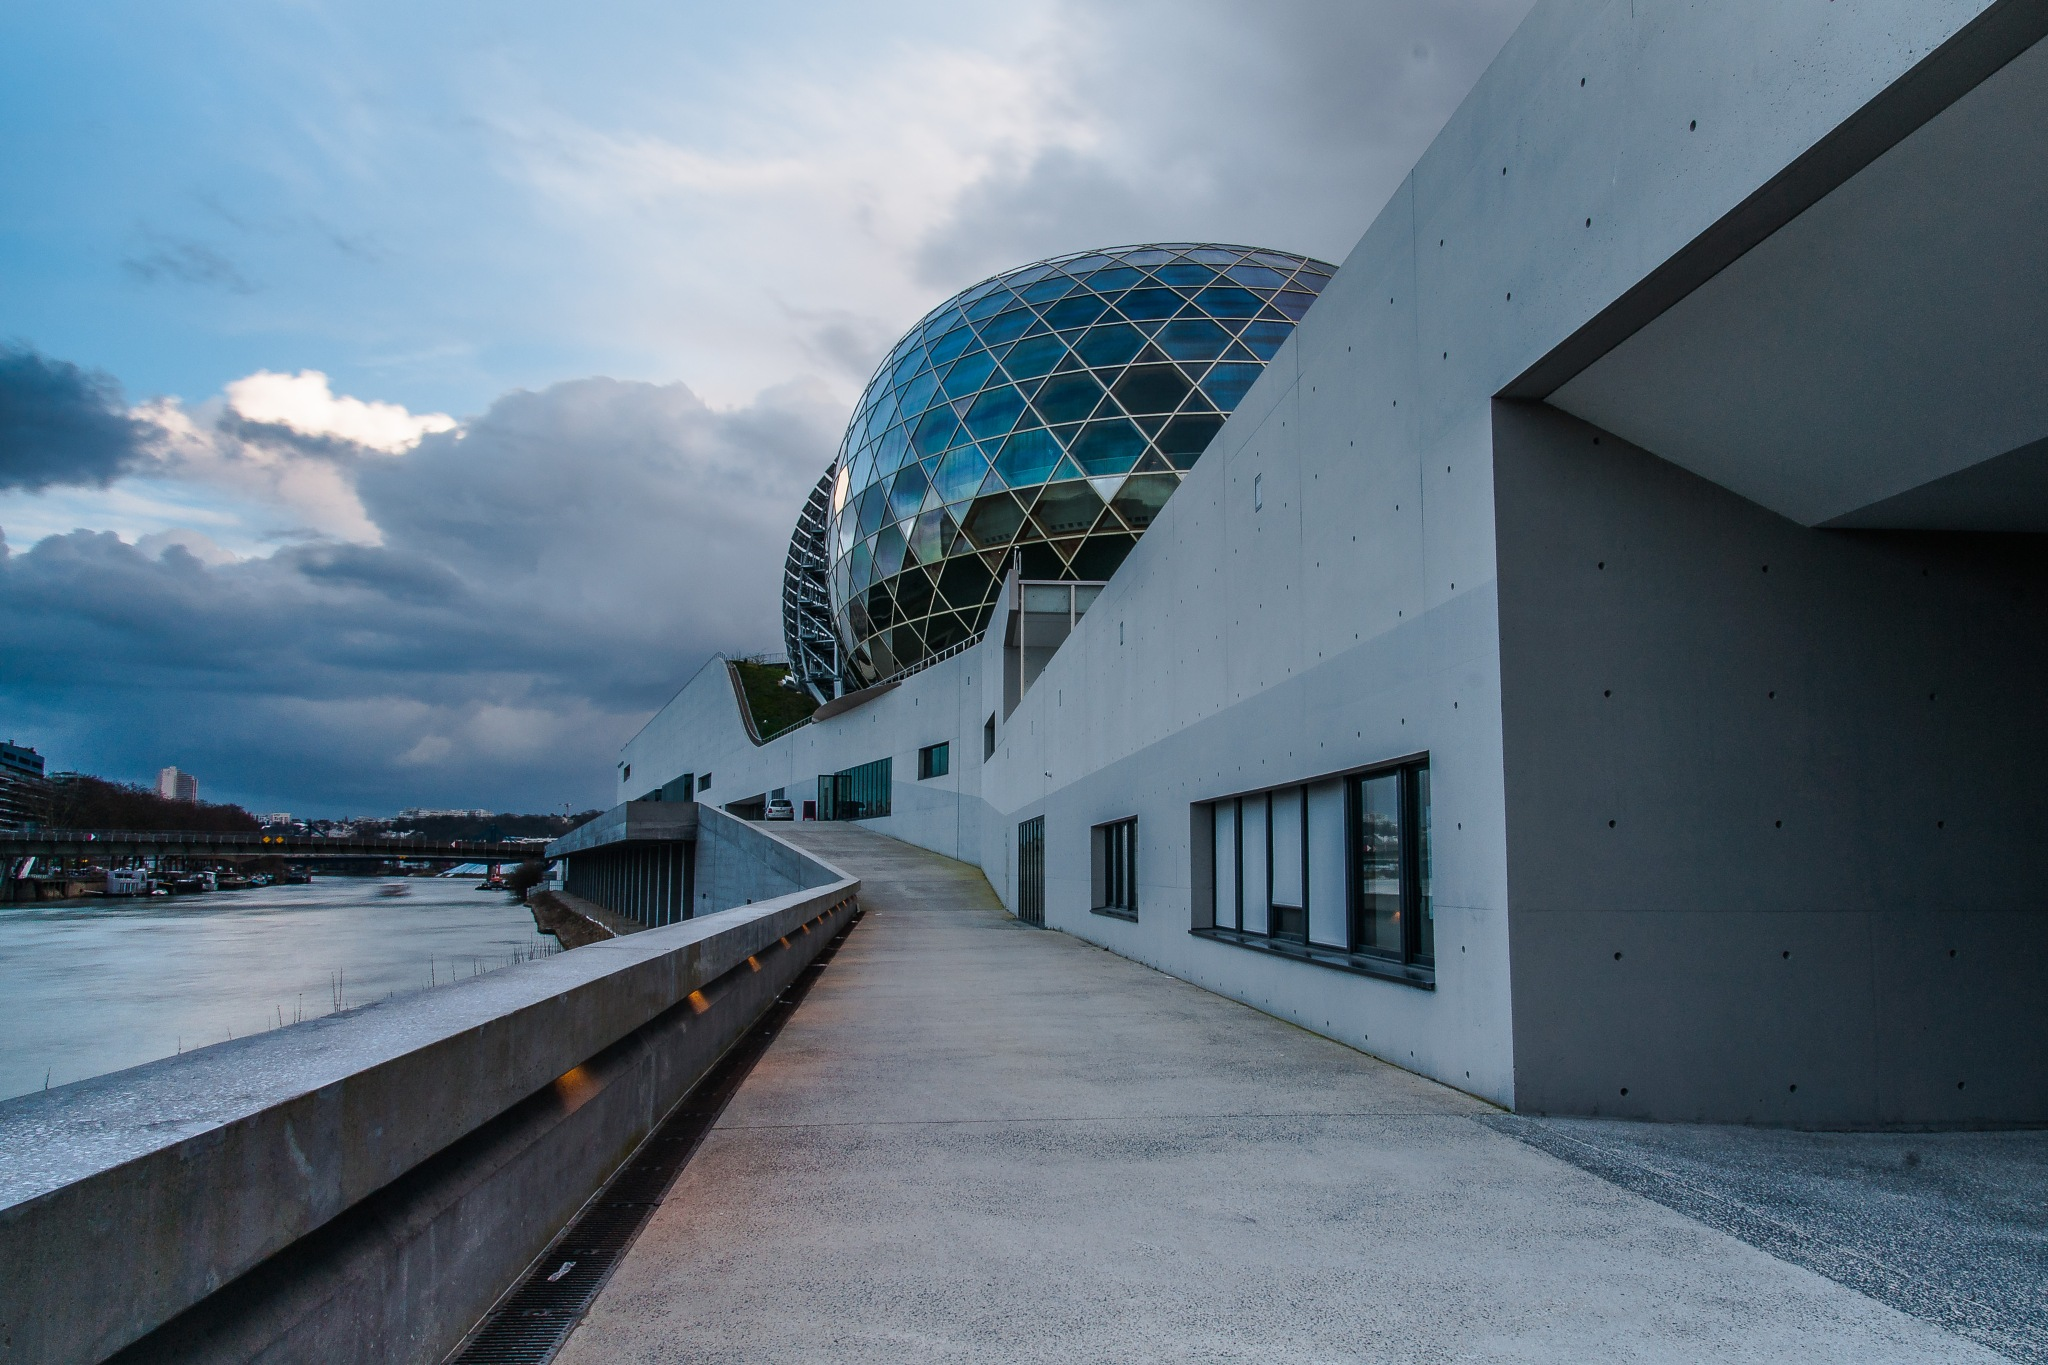 Sphere by Hervé Samson